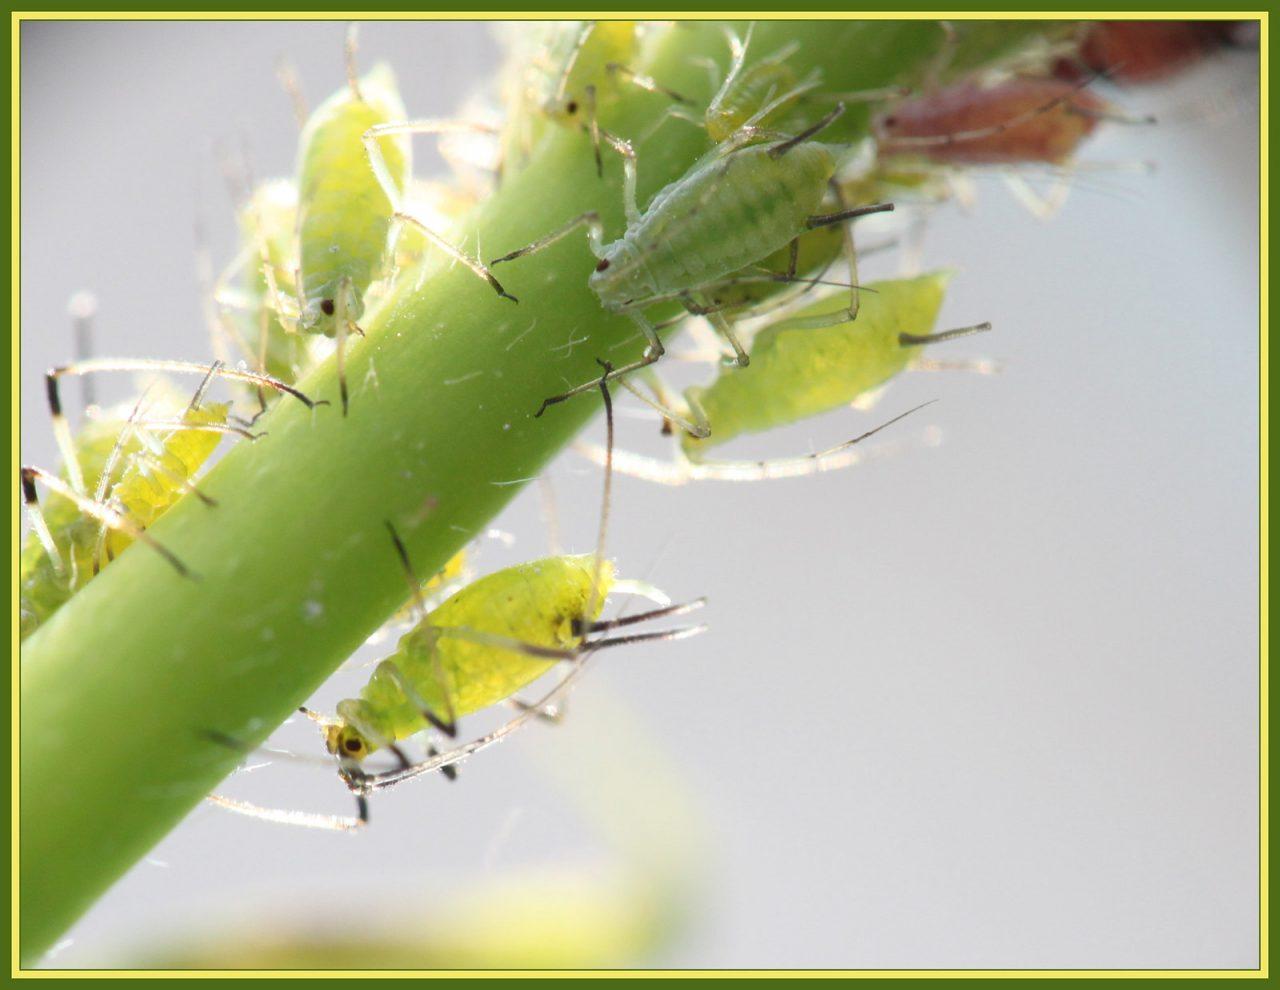 Parlons des insectes nuisibles dans votre jardin